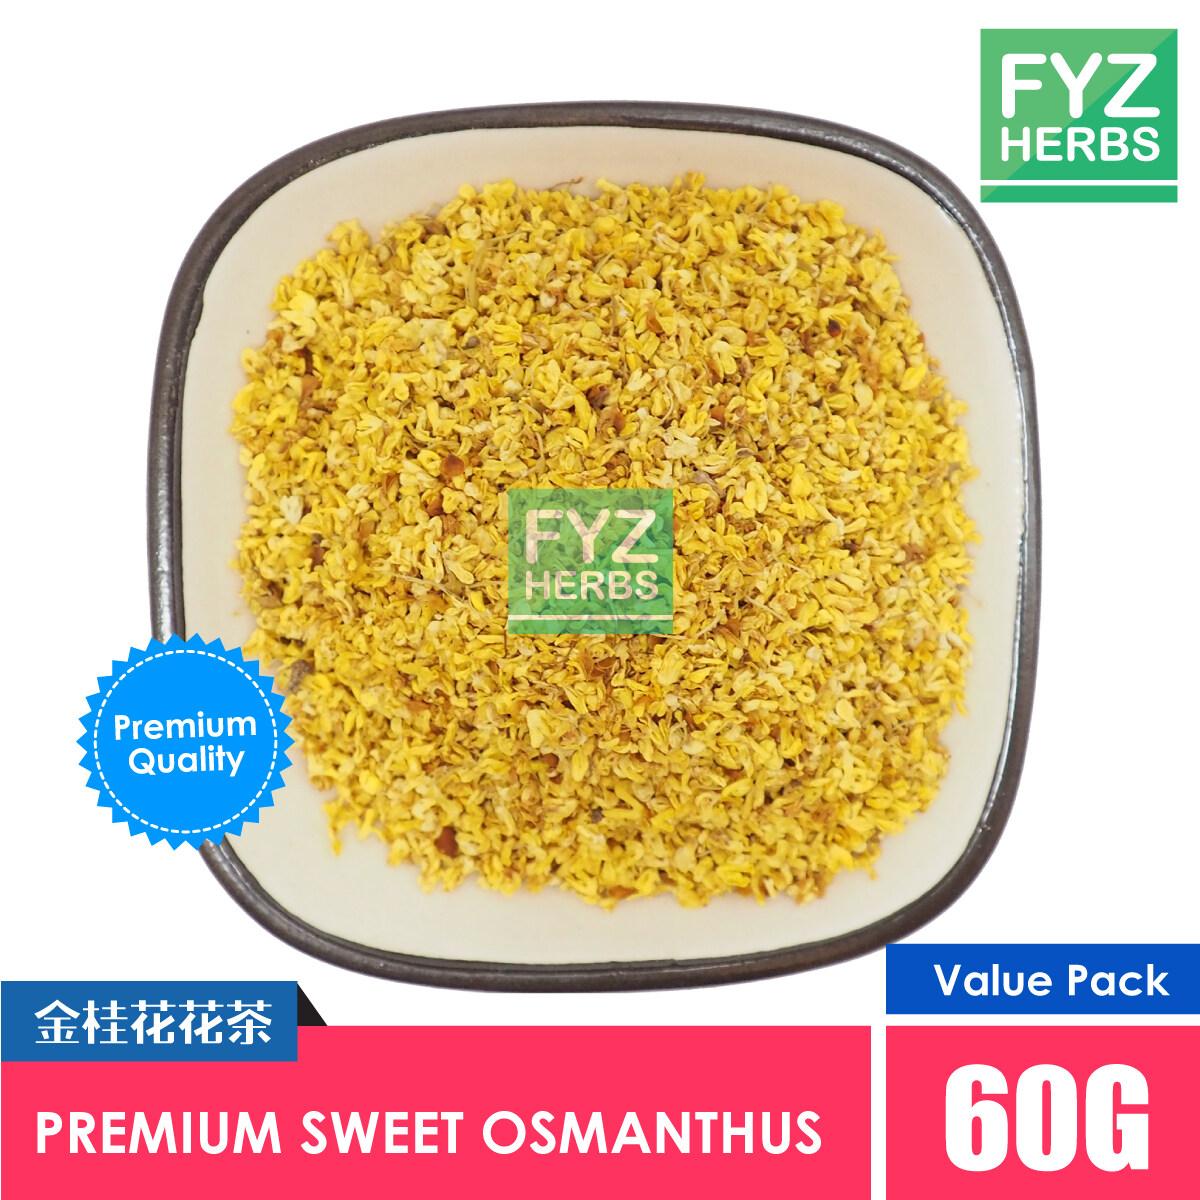 FYZ Herbs PREMIUM Sweet Osmanthus Flower Tea 60g [Value Pack] 金桂花花茶袋装 60g